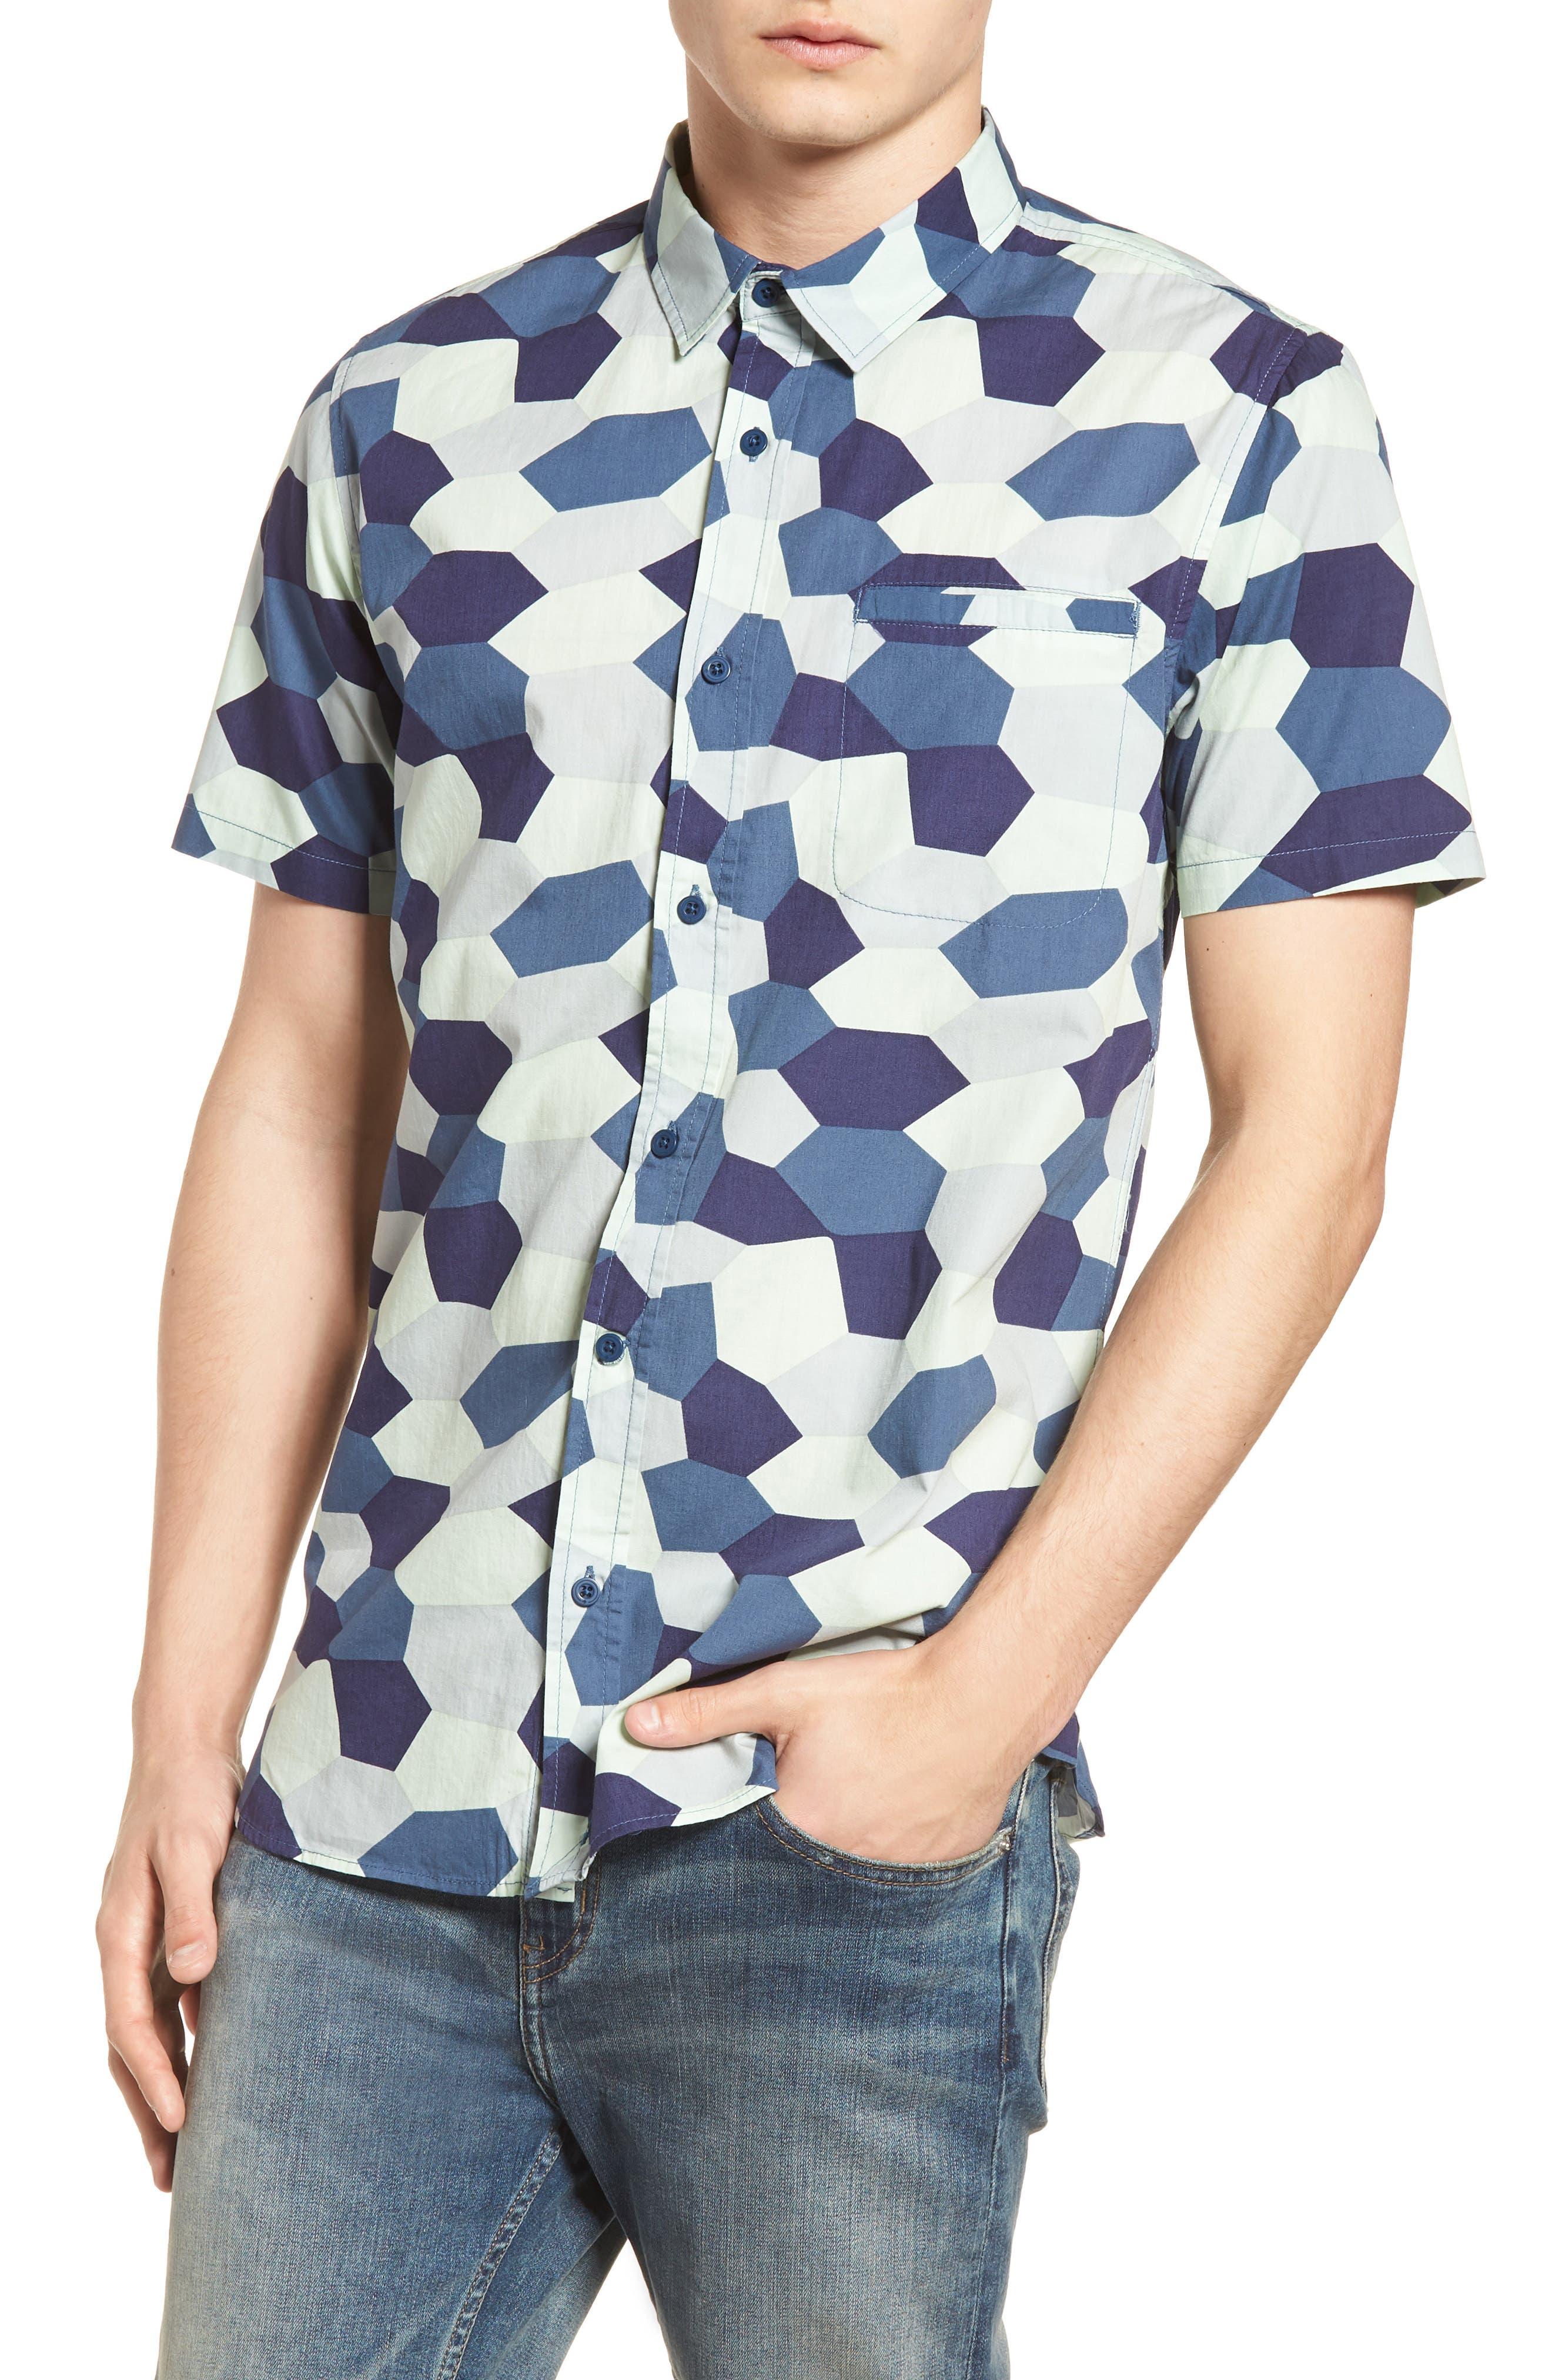 Porter Woven Shirt,                             Main thumbnail 1, color,                             Sea Green Camo